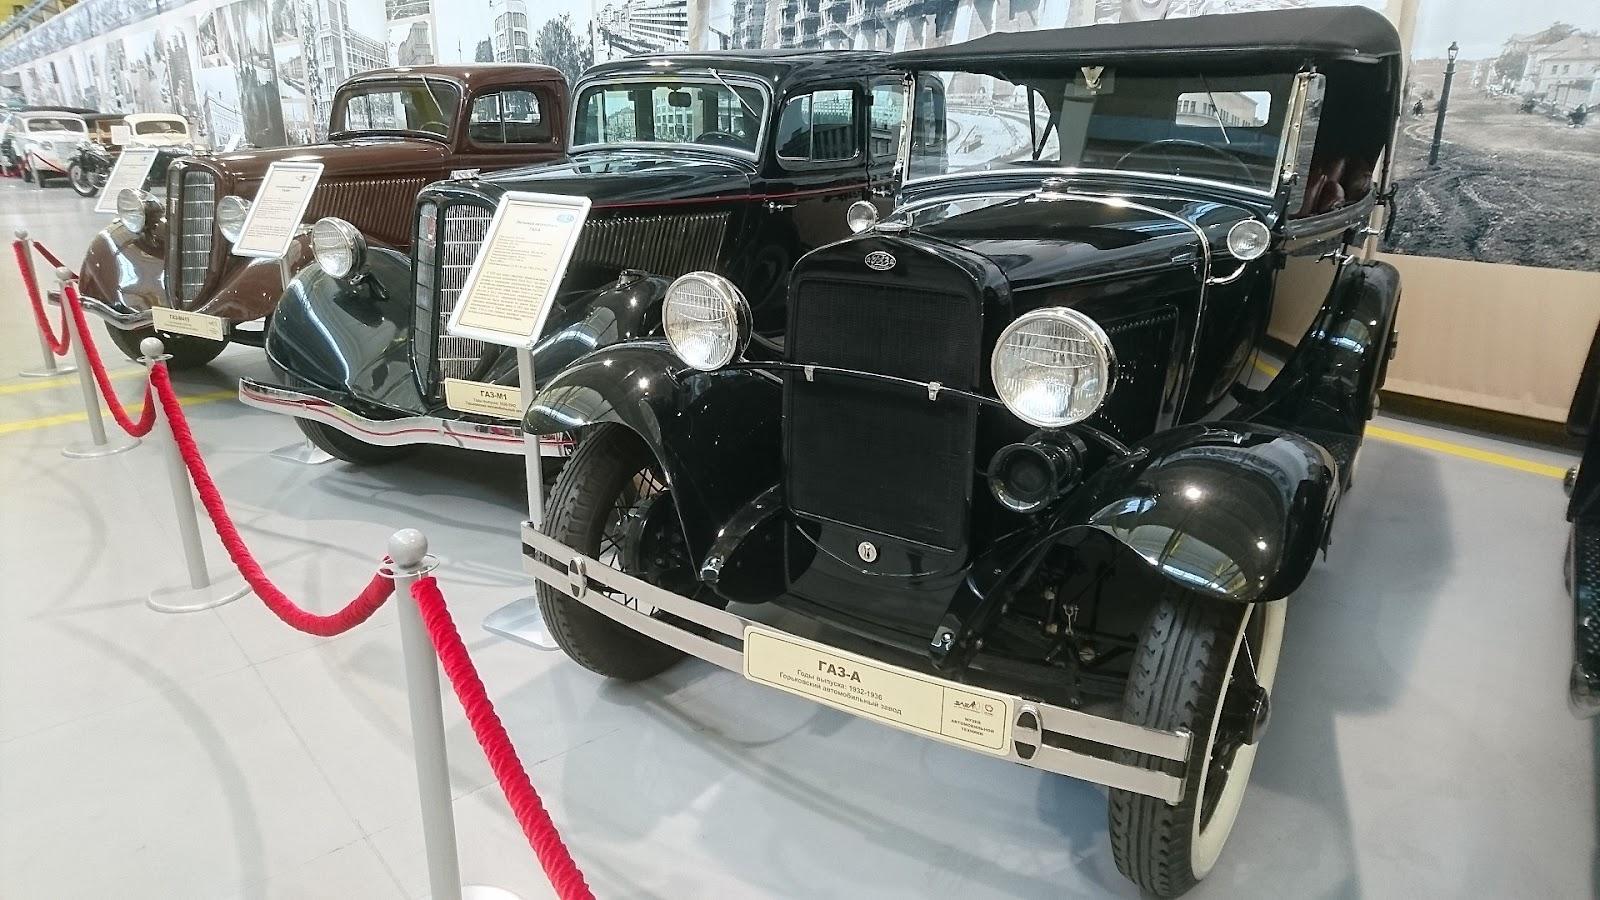 1920px-Soviet_passenger_cars_of_the_1930s